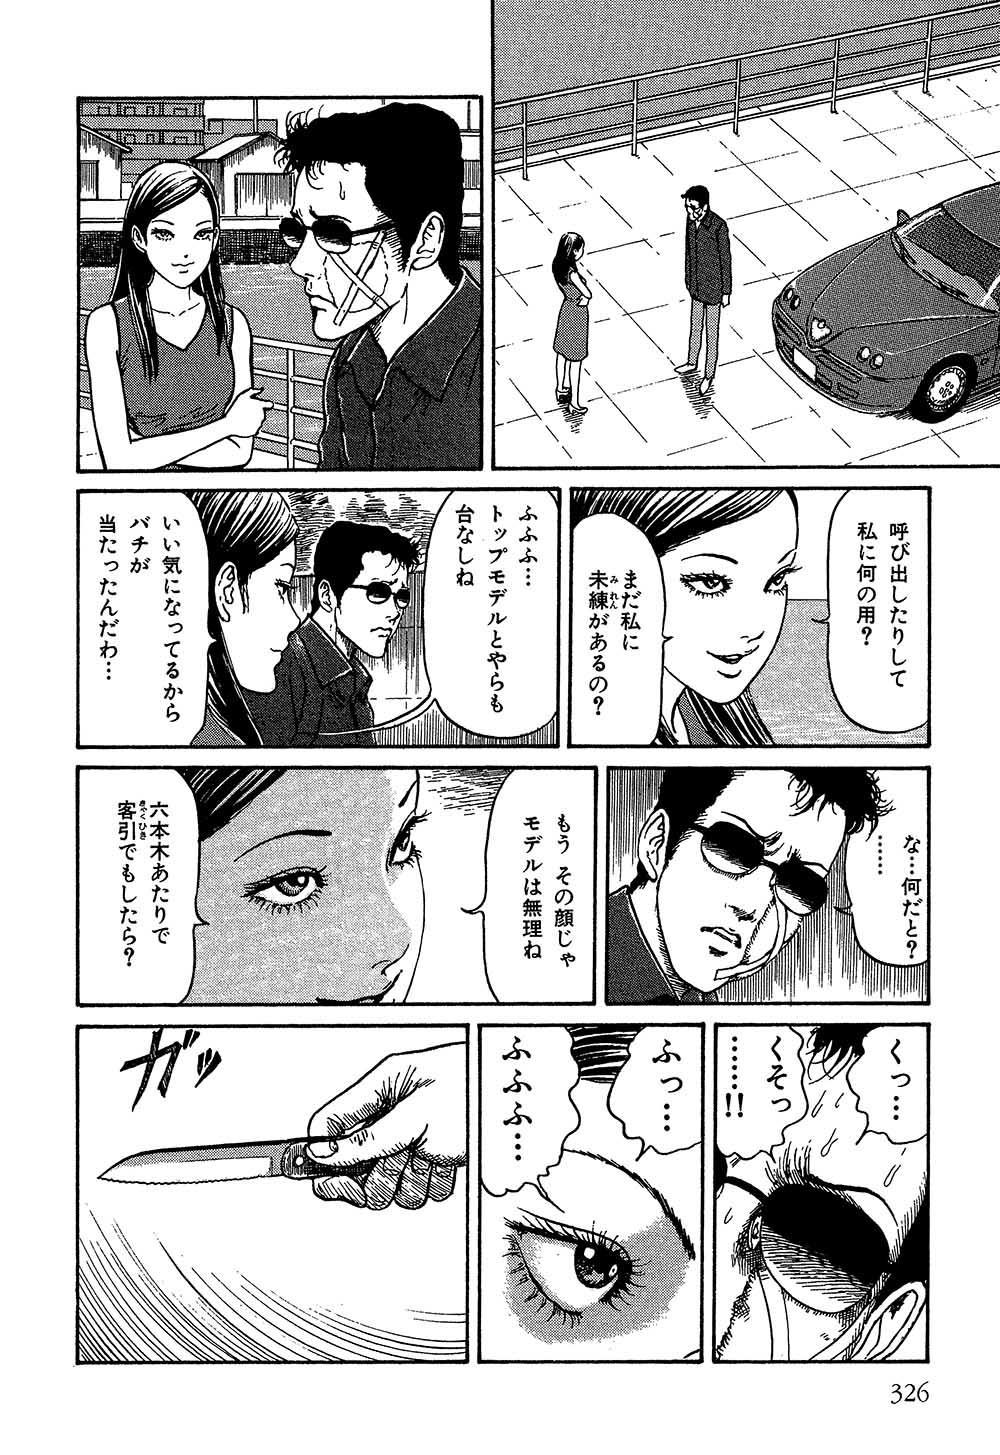 itouj_0002_0328.jpg